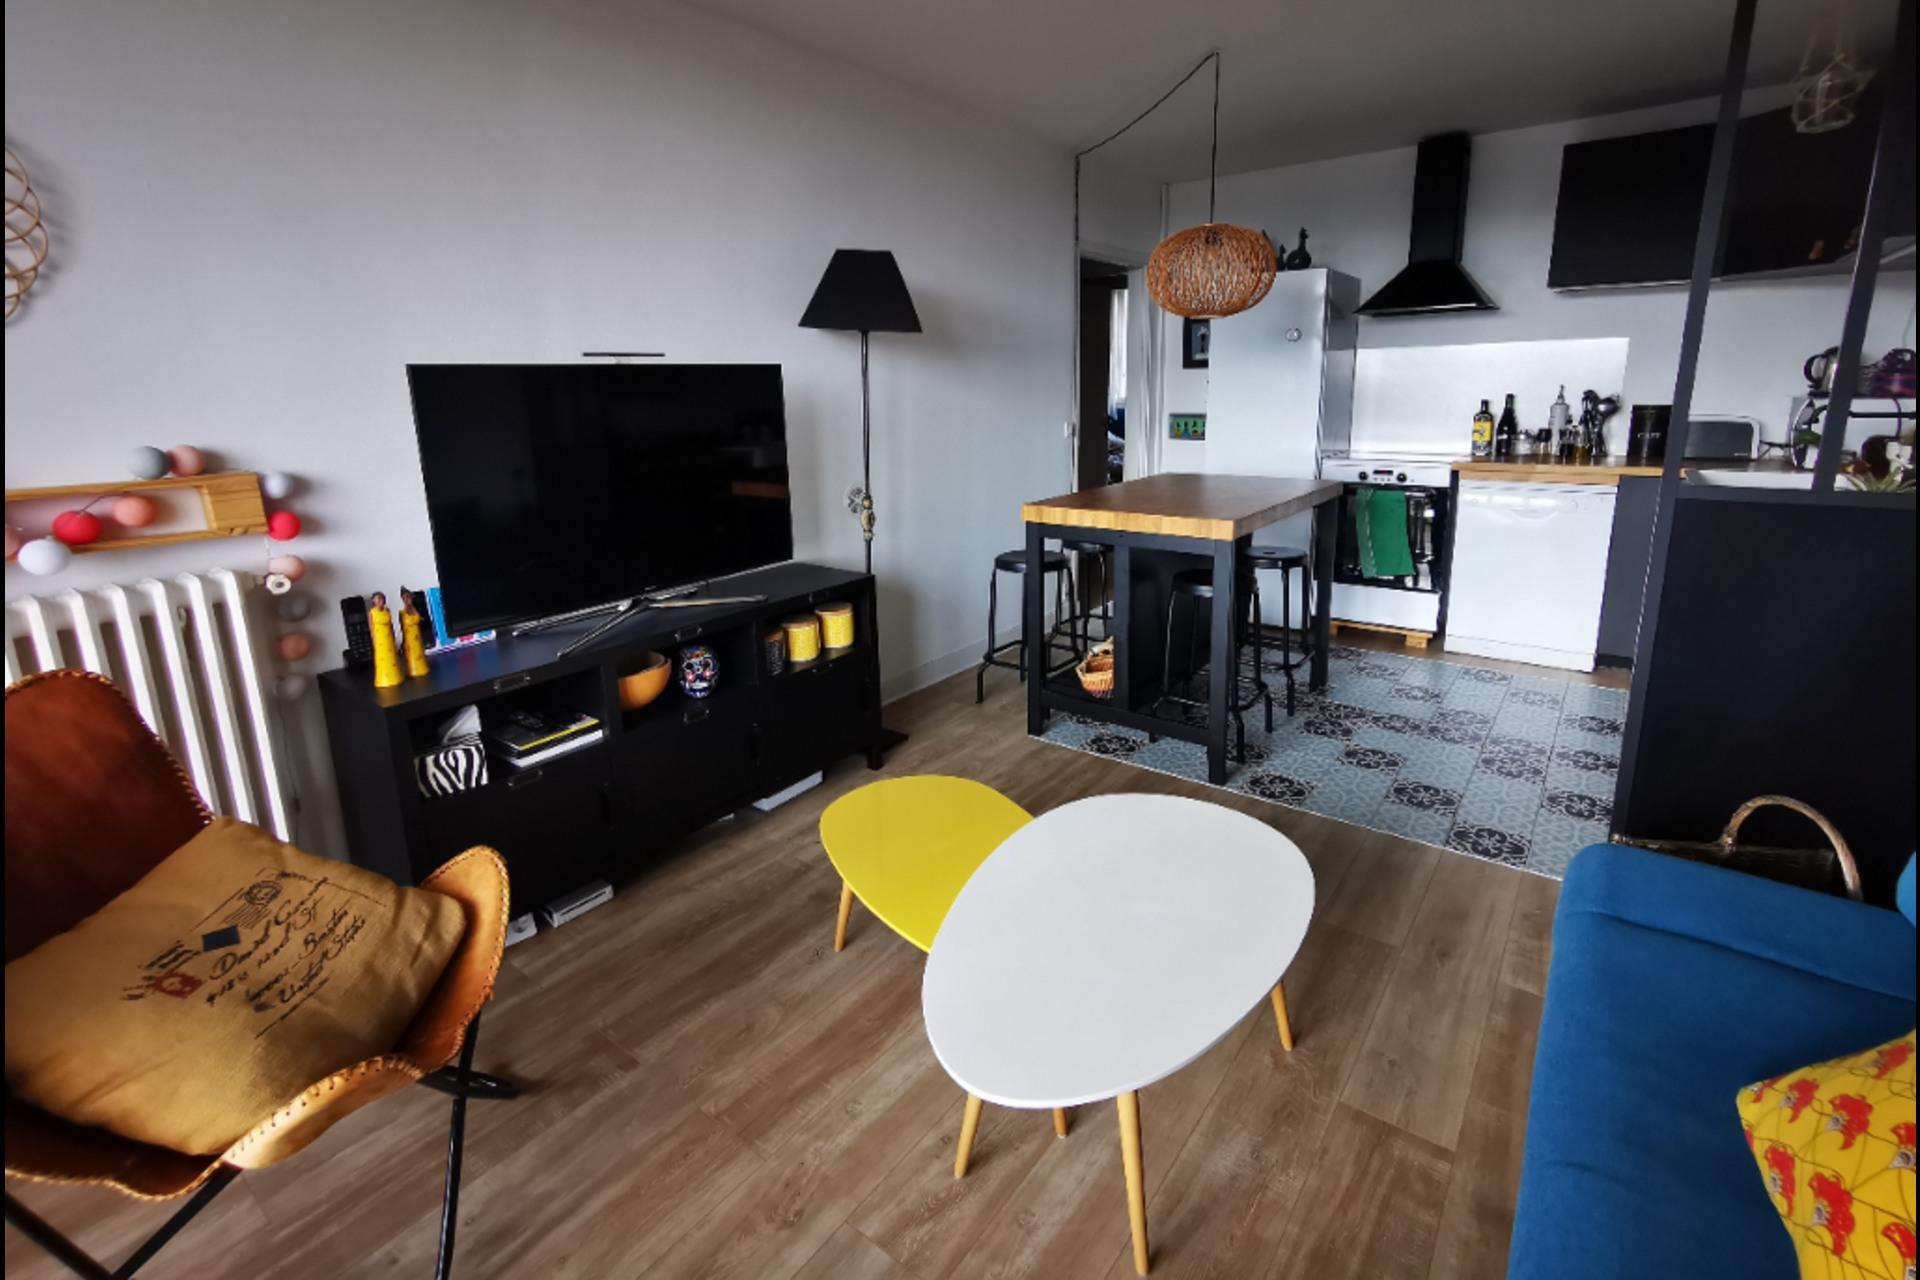 image 1 - Apartment For sale saint-germain-en-laye - 4 rooms